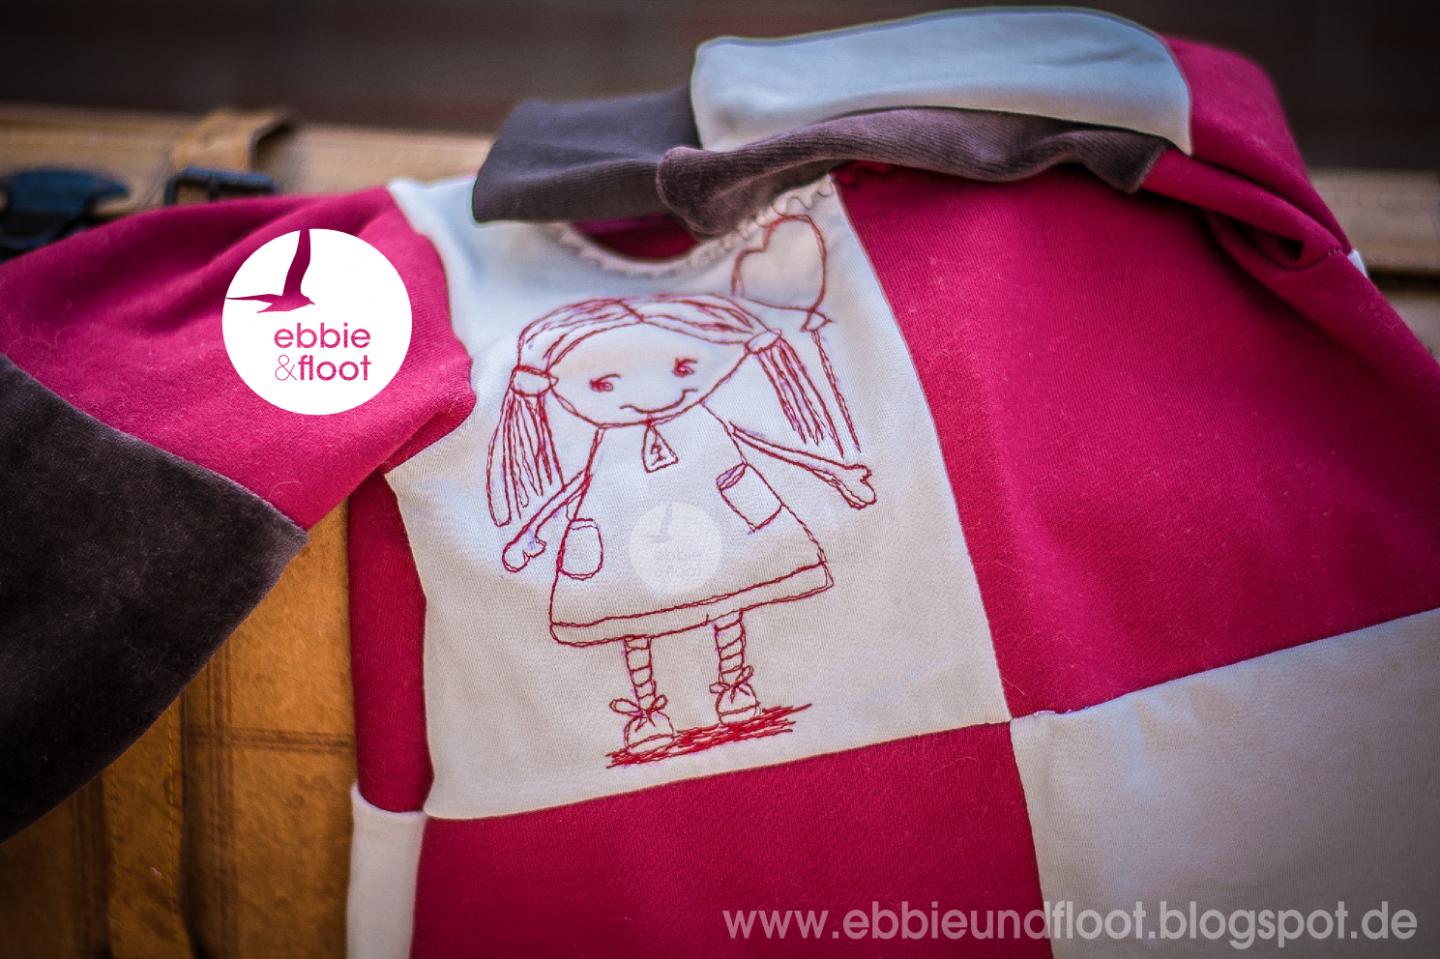 ebbie und floot_nähmalen_little girl_Lulla_Schnitgeflüster_004